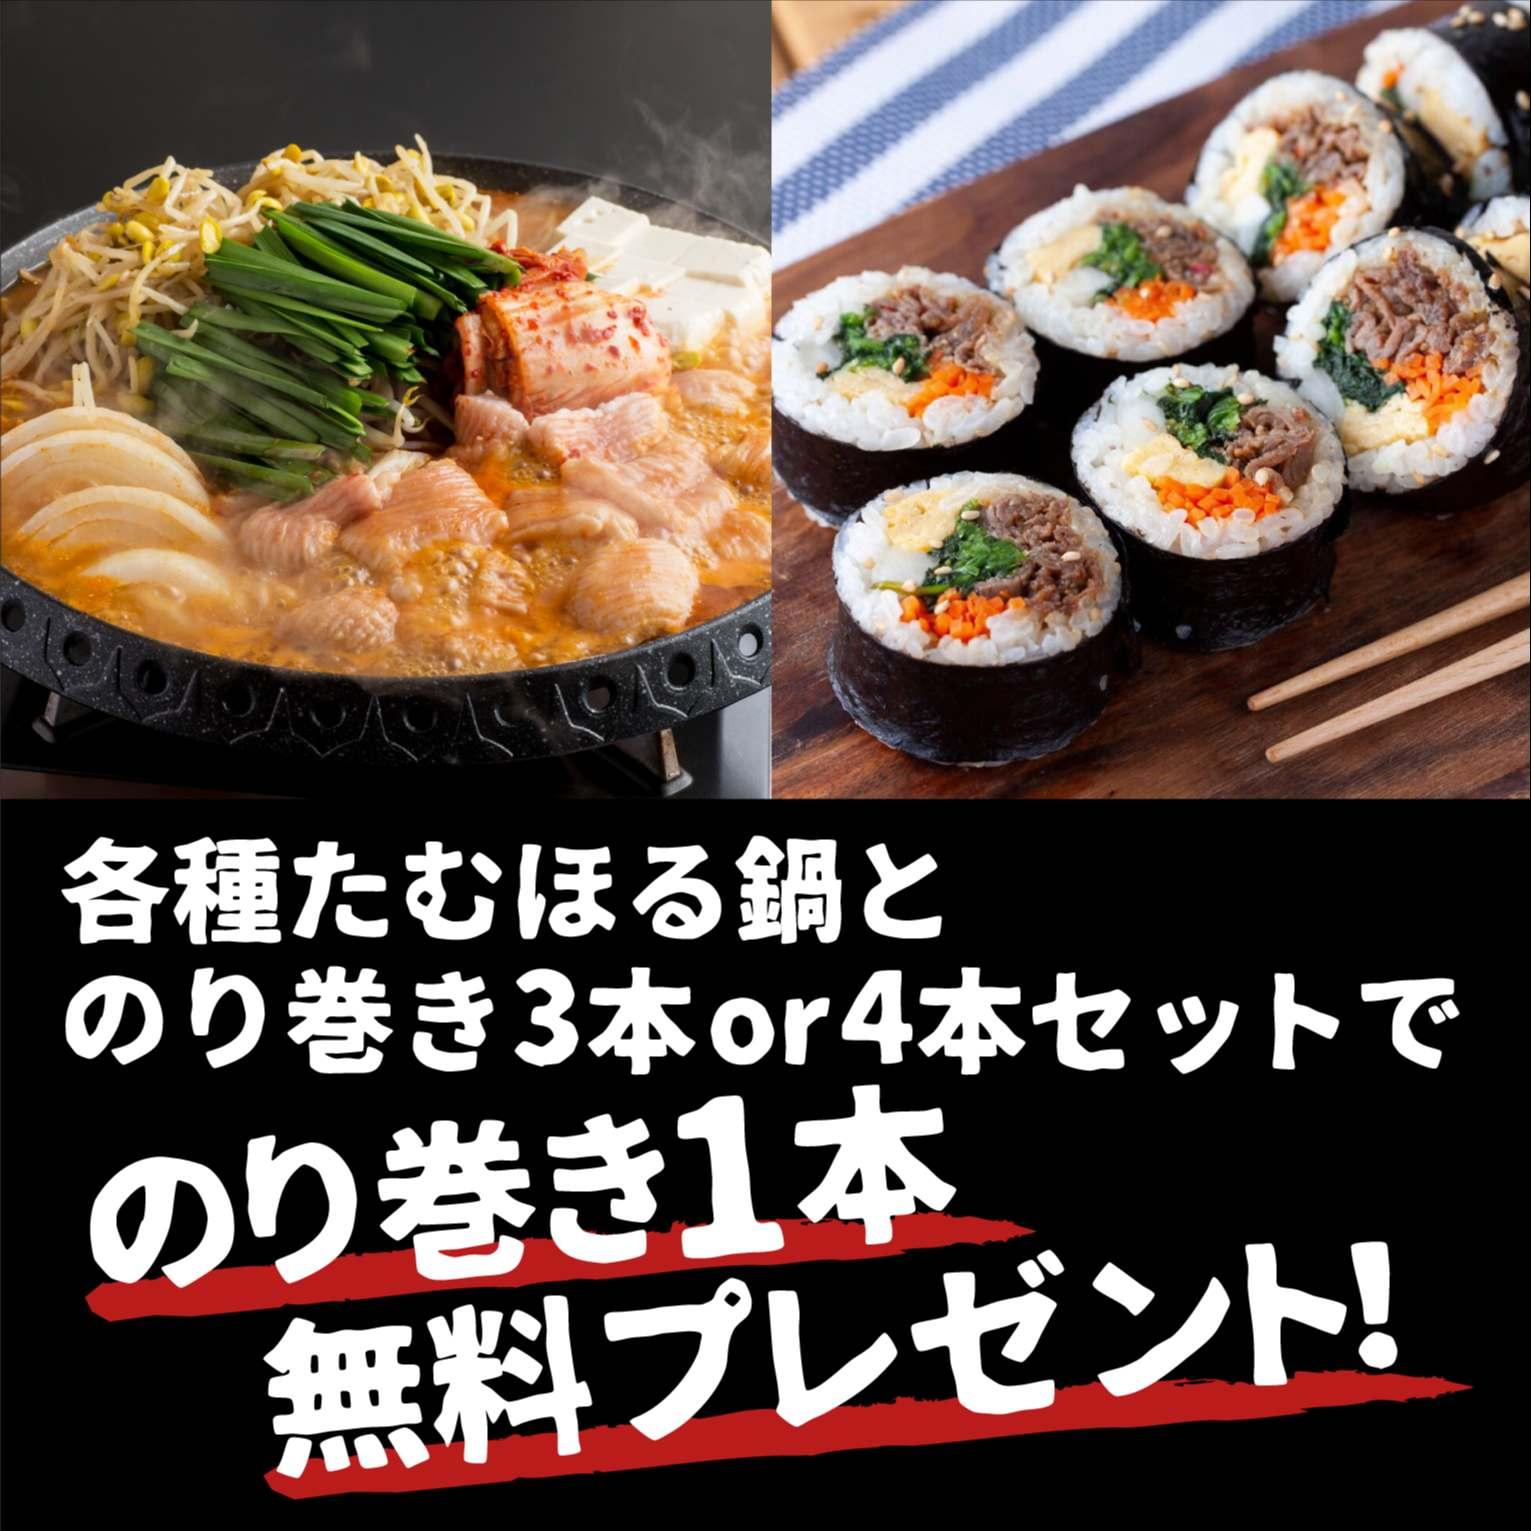 【 新発売キャンペーン� 】韓国風のり巻き!鍋セットとご購入で1本プレゼント♪